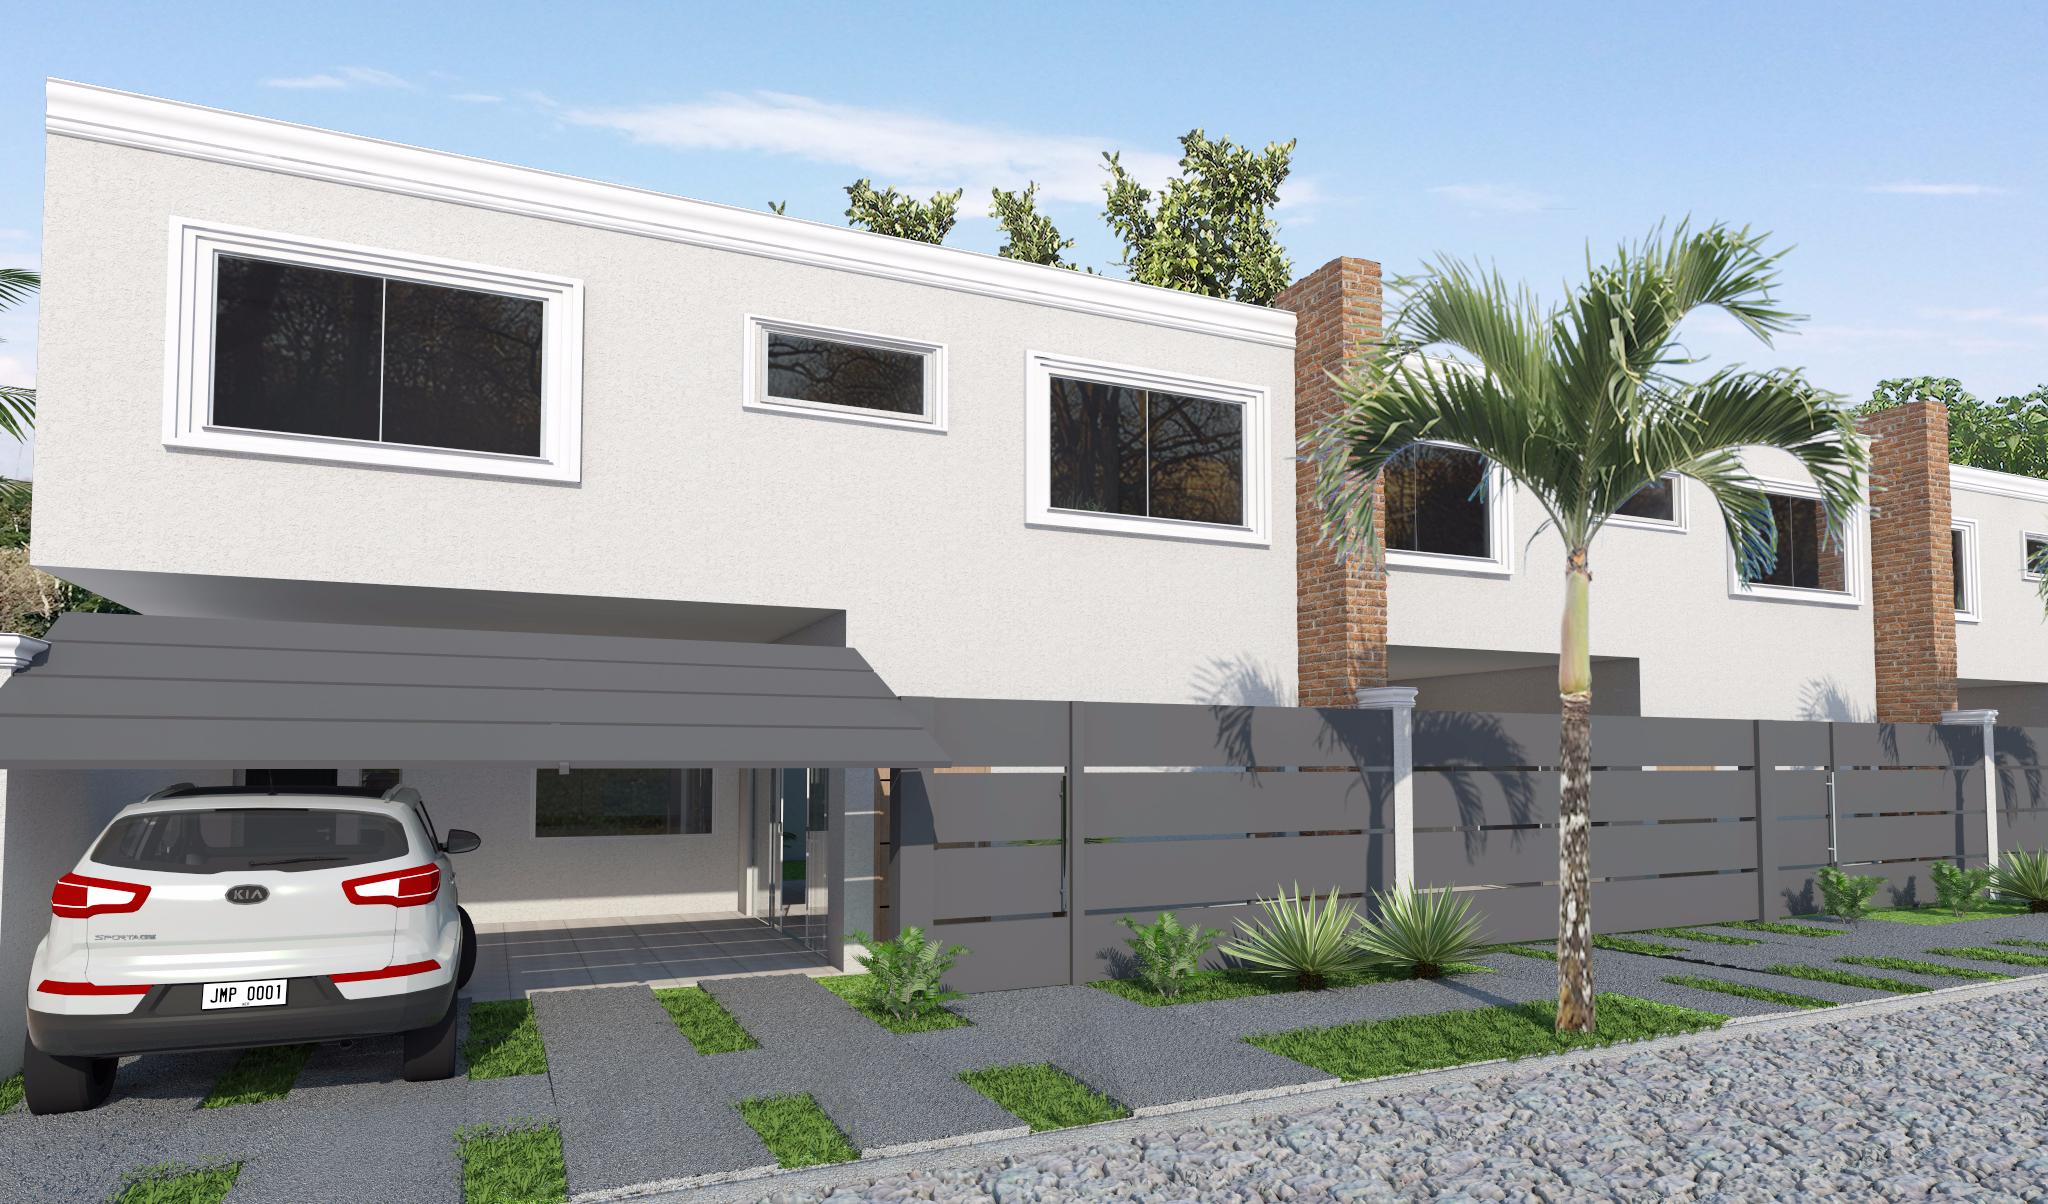 Vendo Duplex De 3 Dormitorios En Barrio San Cristobal | Herrera